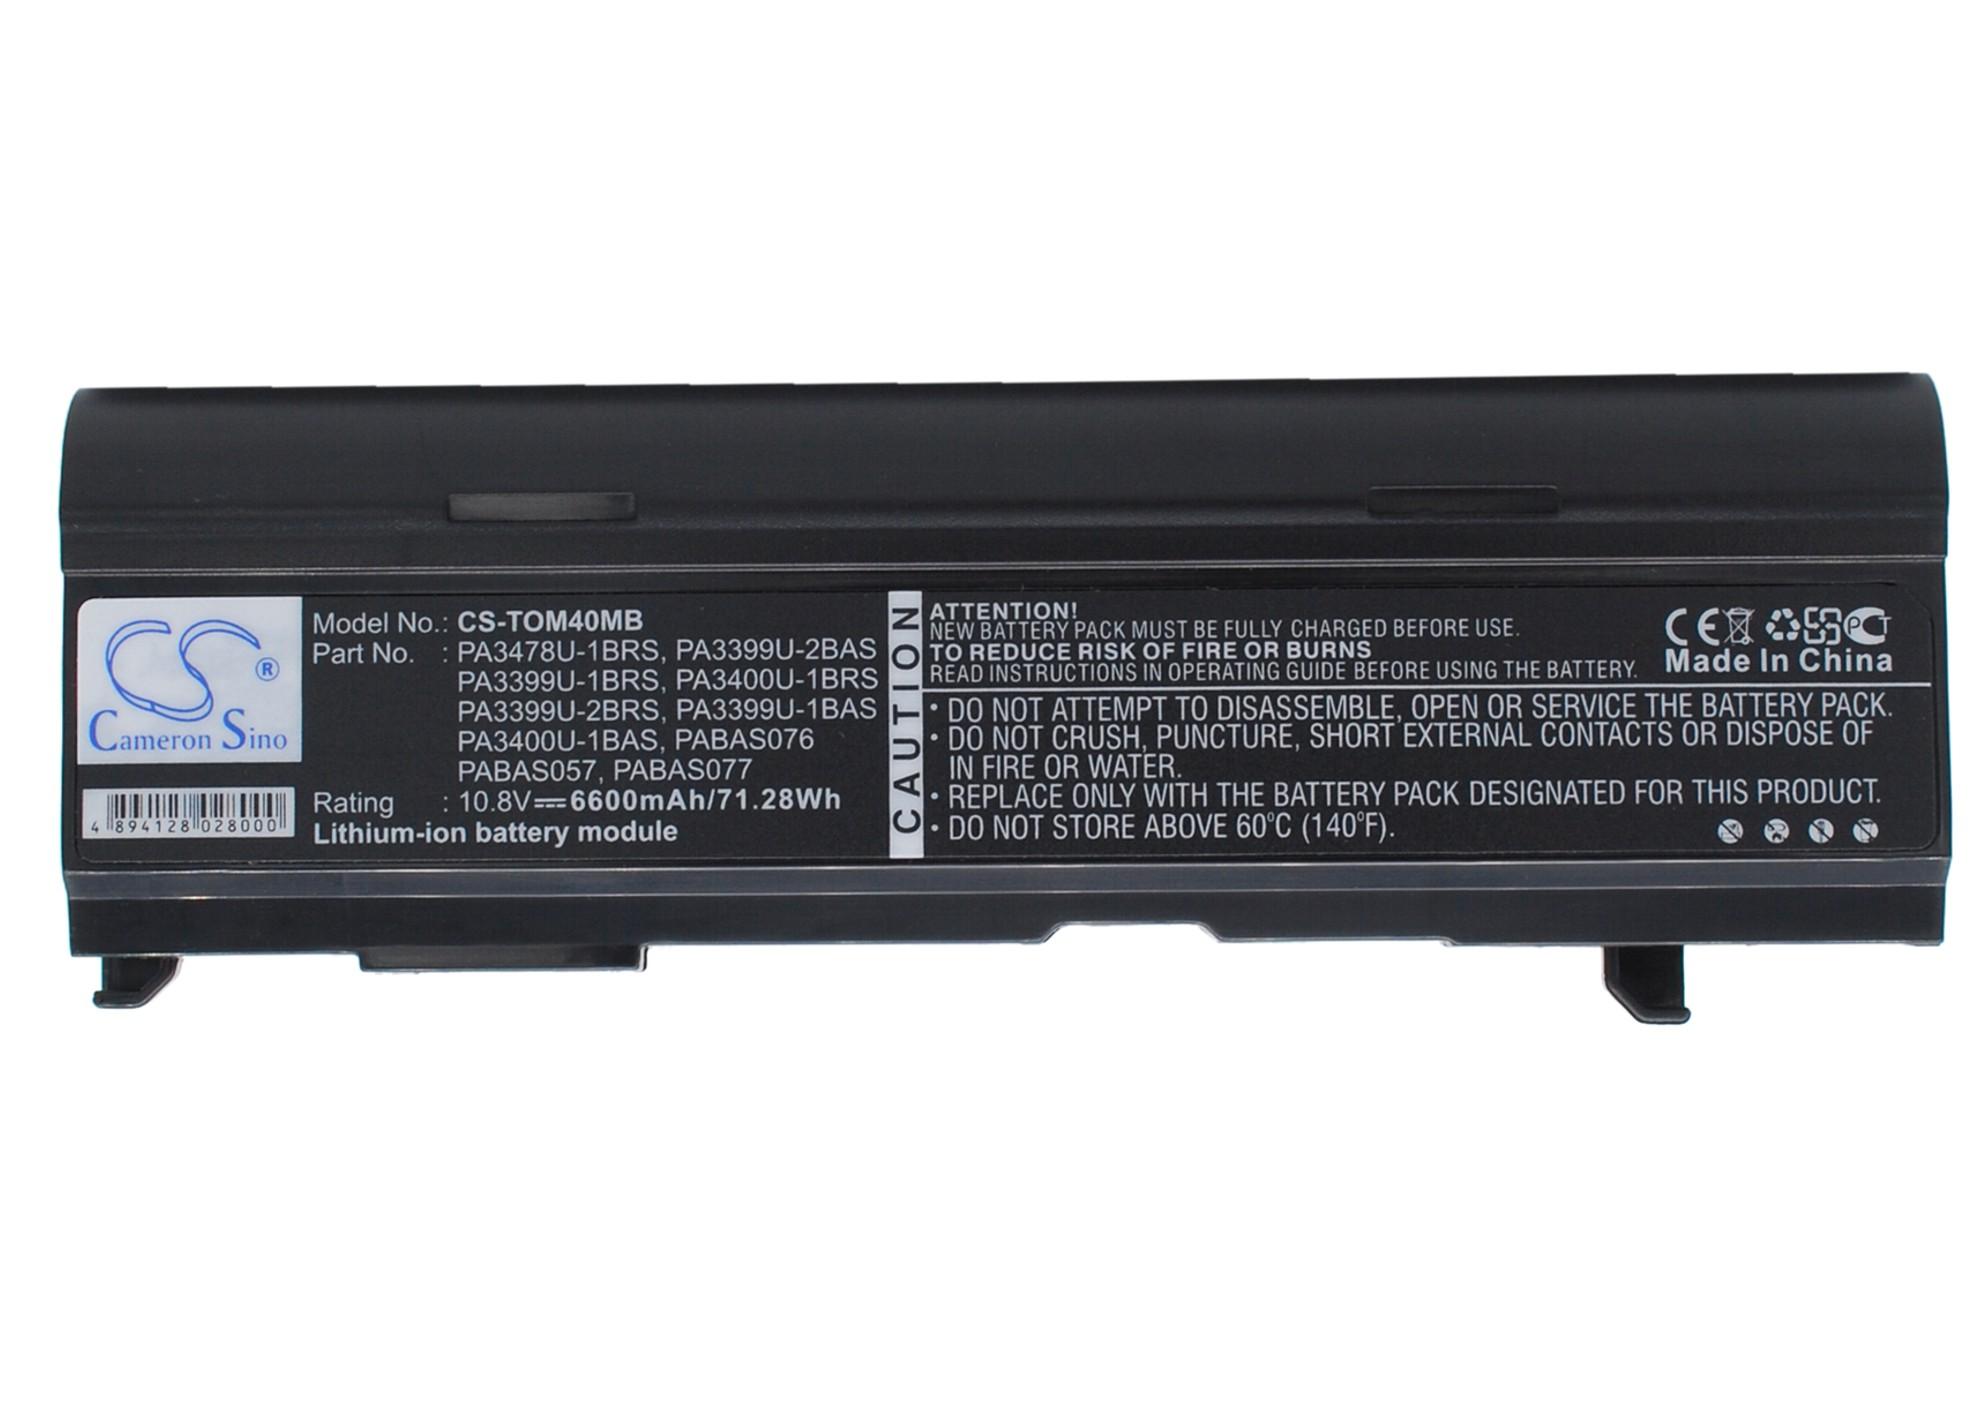 Cameron Sino baterie do notebooků za PA3399U-2BRS 10.8V Li-ion 6600mAh černá - neoriginální